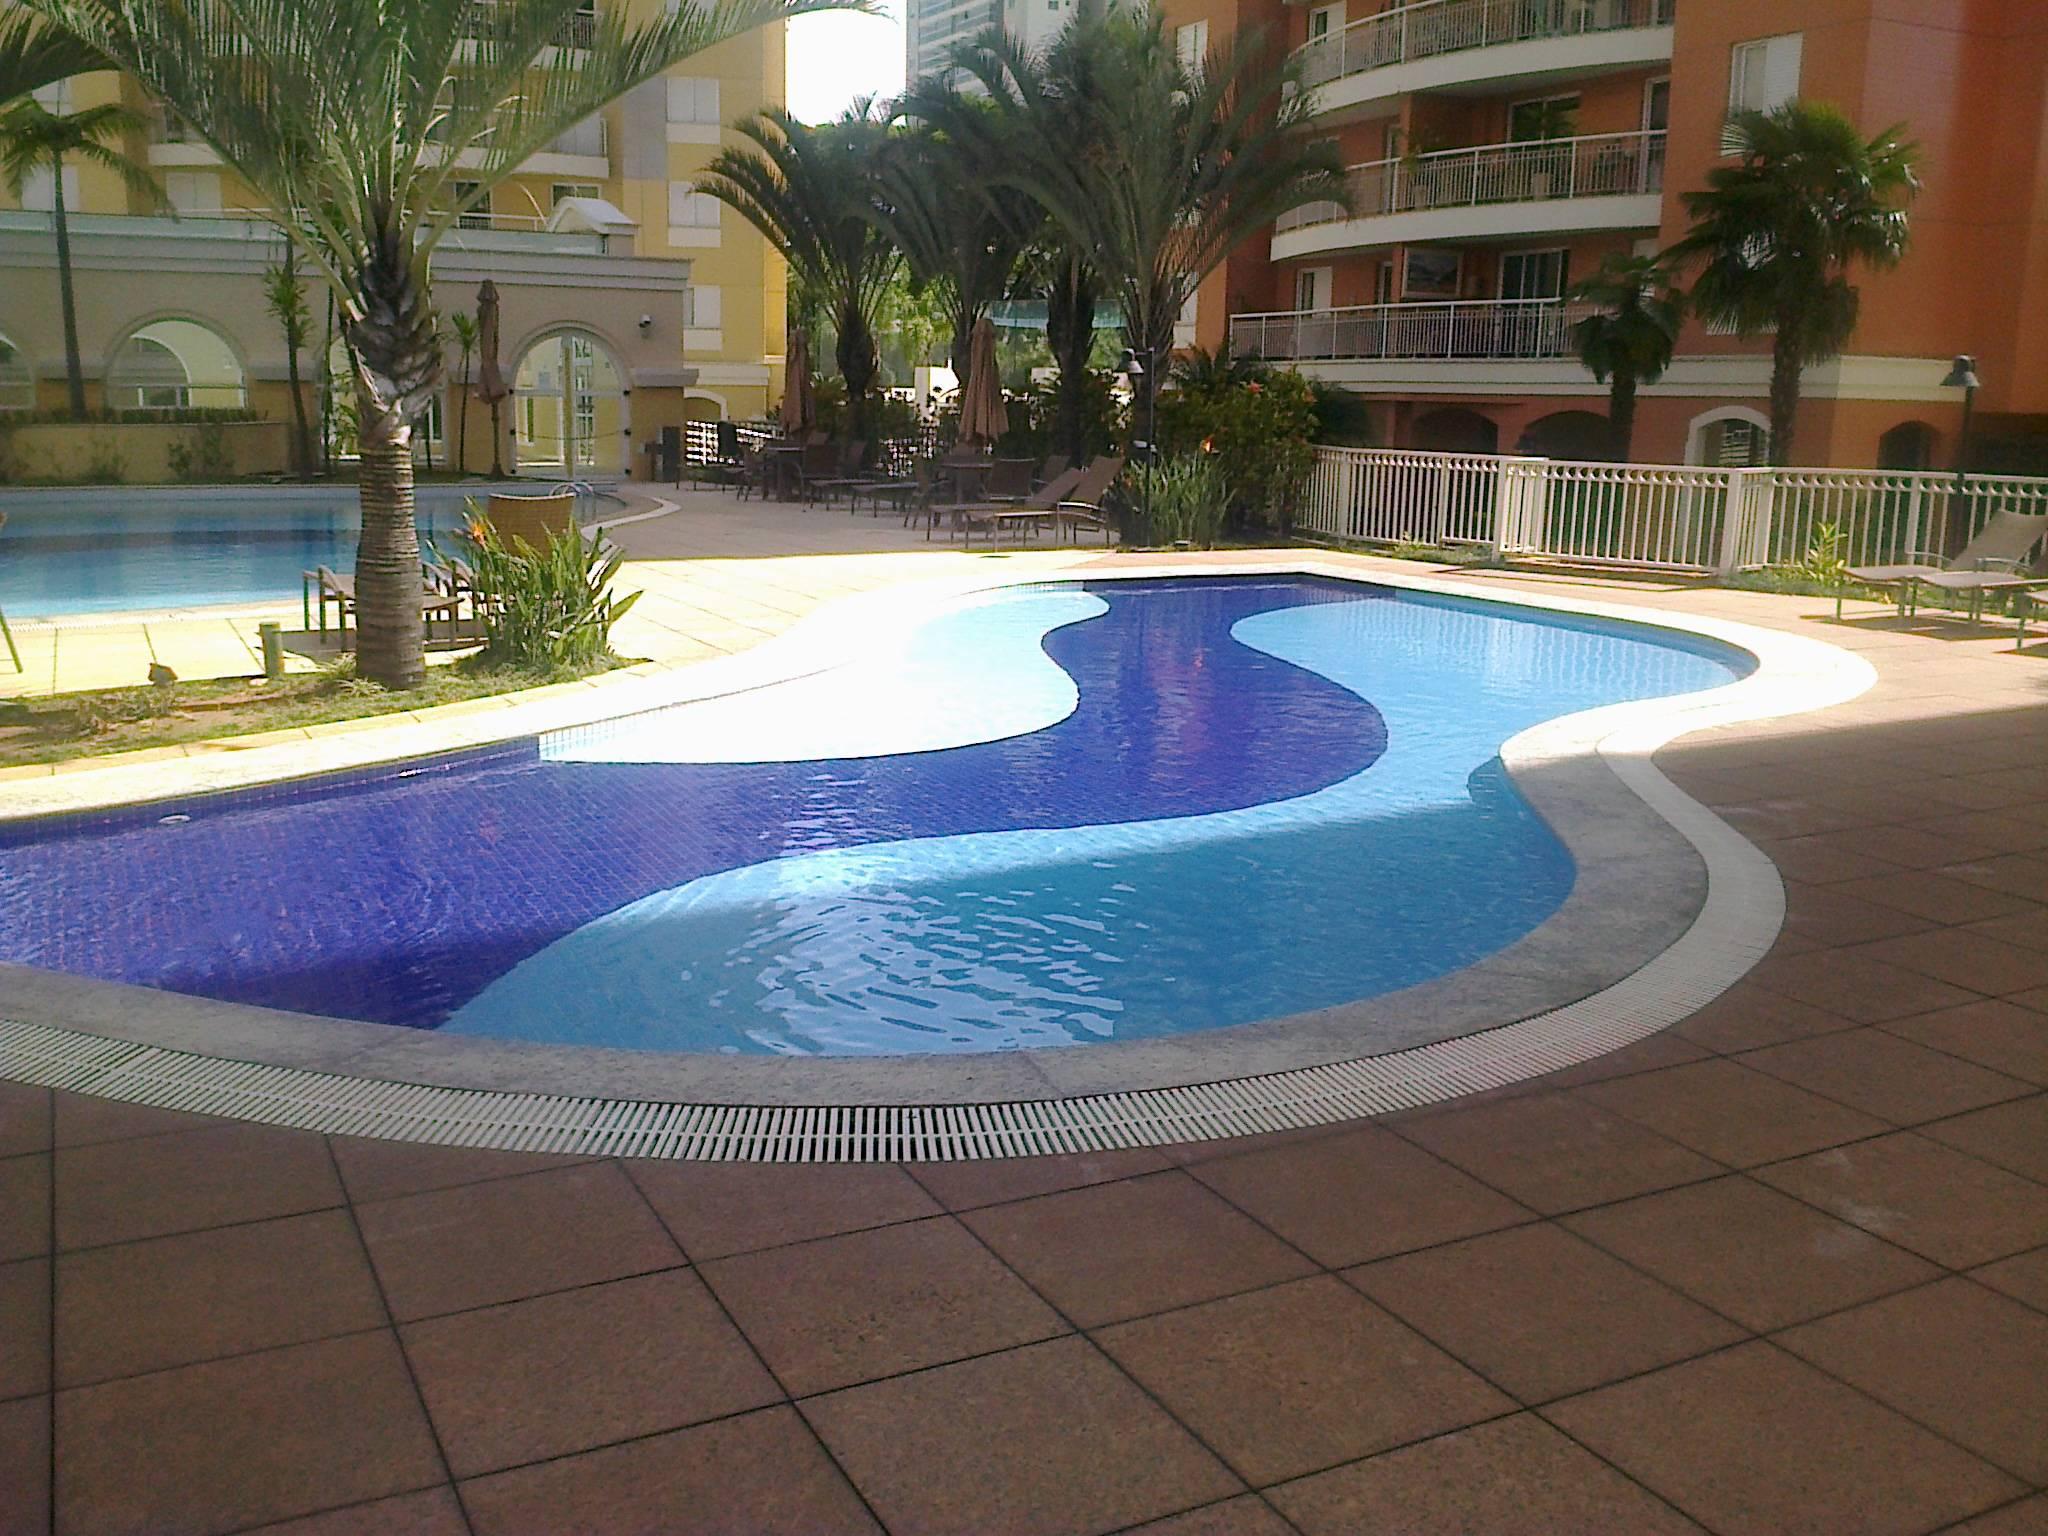 Conhe a o servi os de manuten o em piscinas servi os for Empresas de piscinas